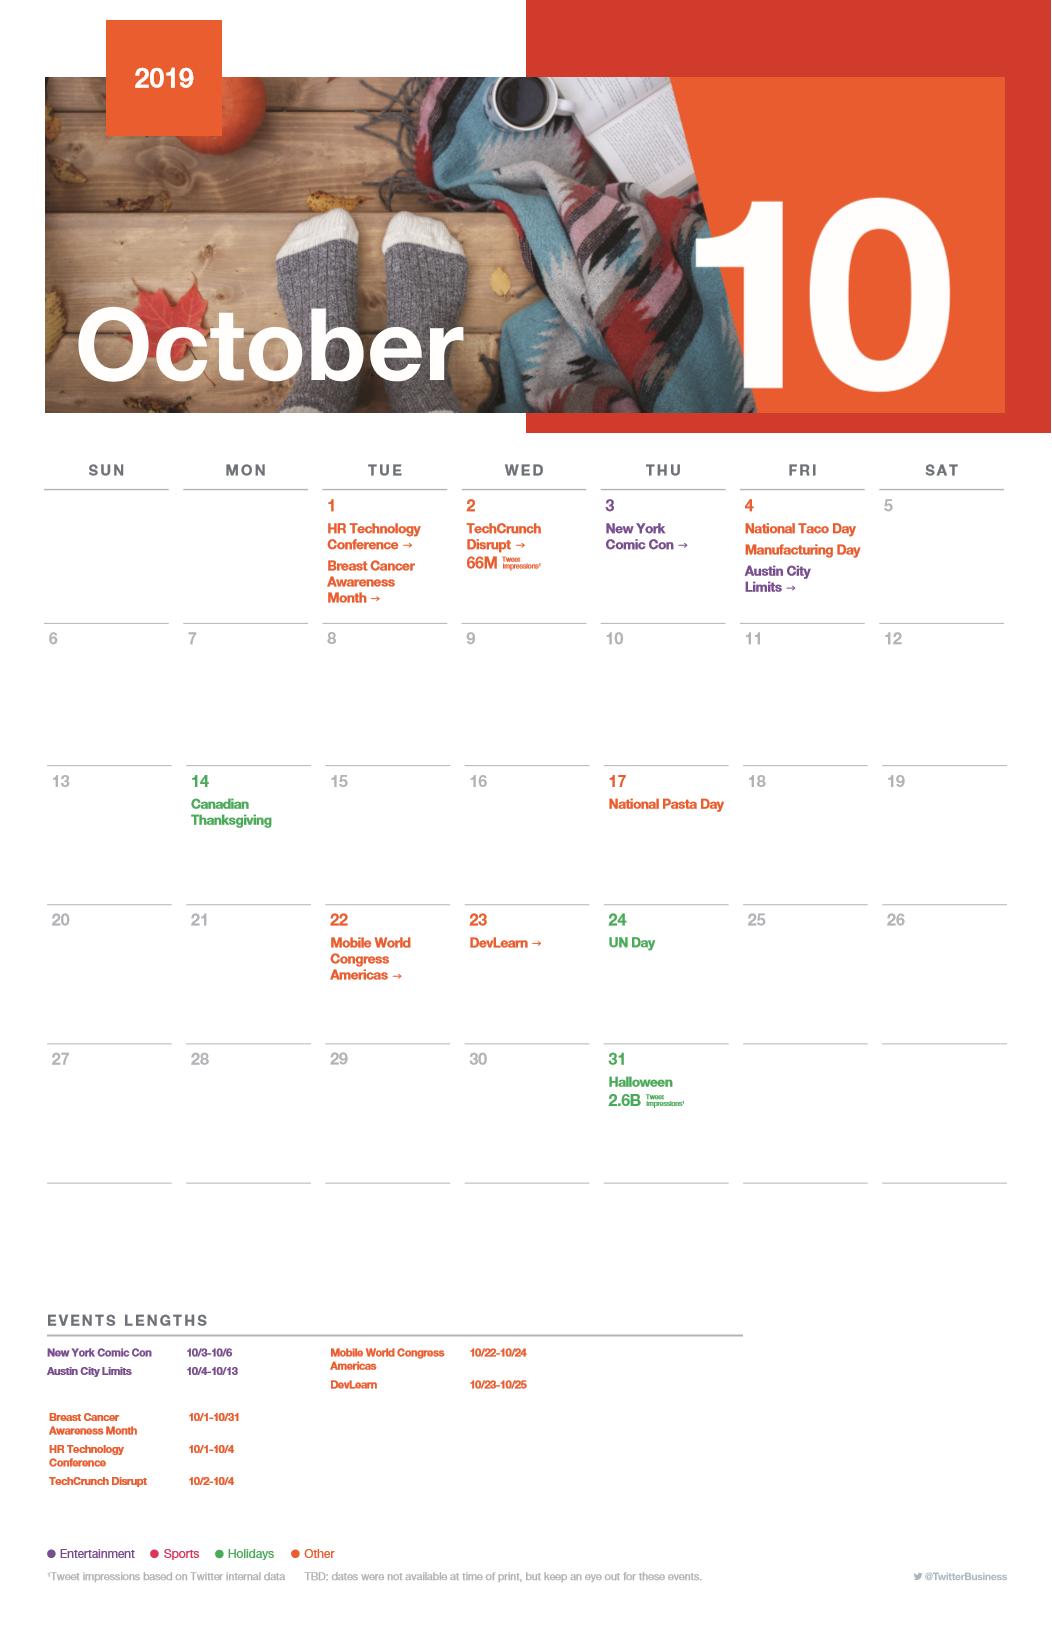 Twitter event calendar - October 2019